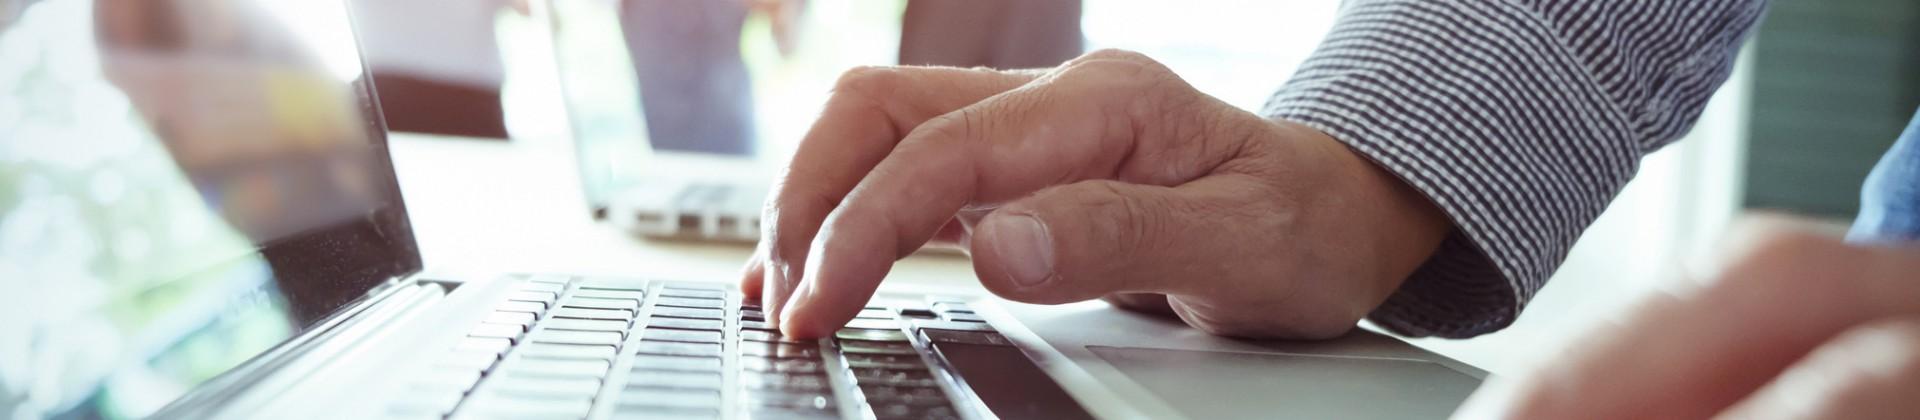 Mains et ordinateur - République numérique et enseignes